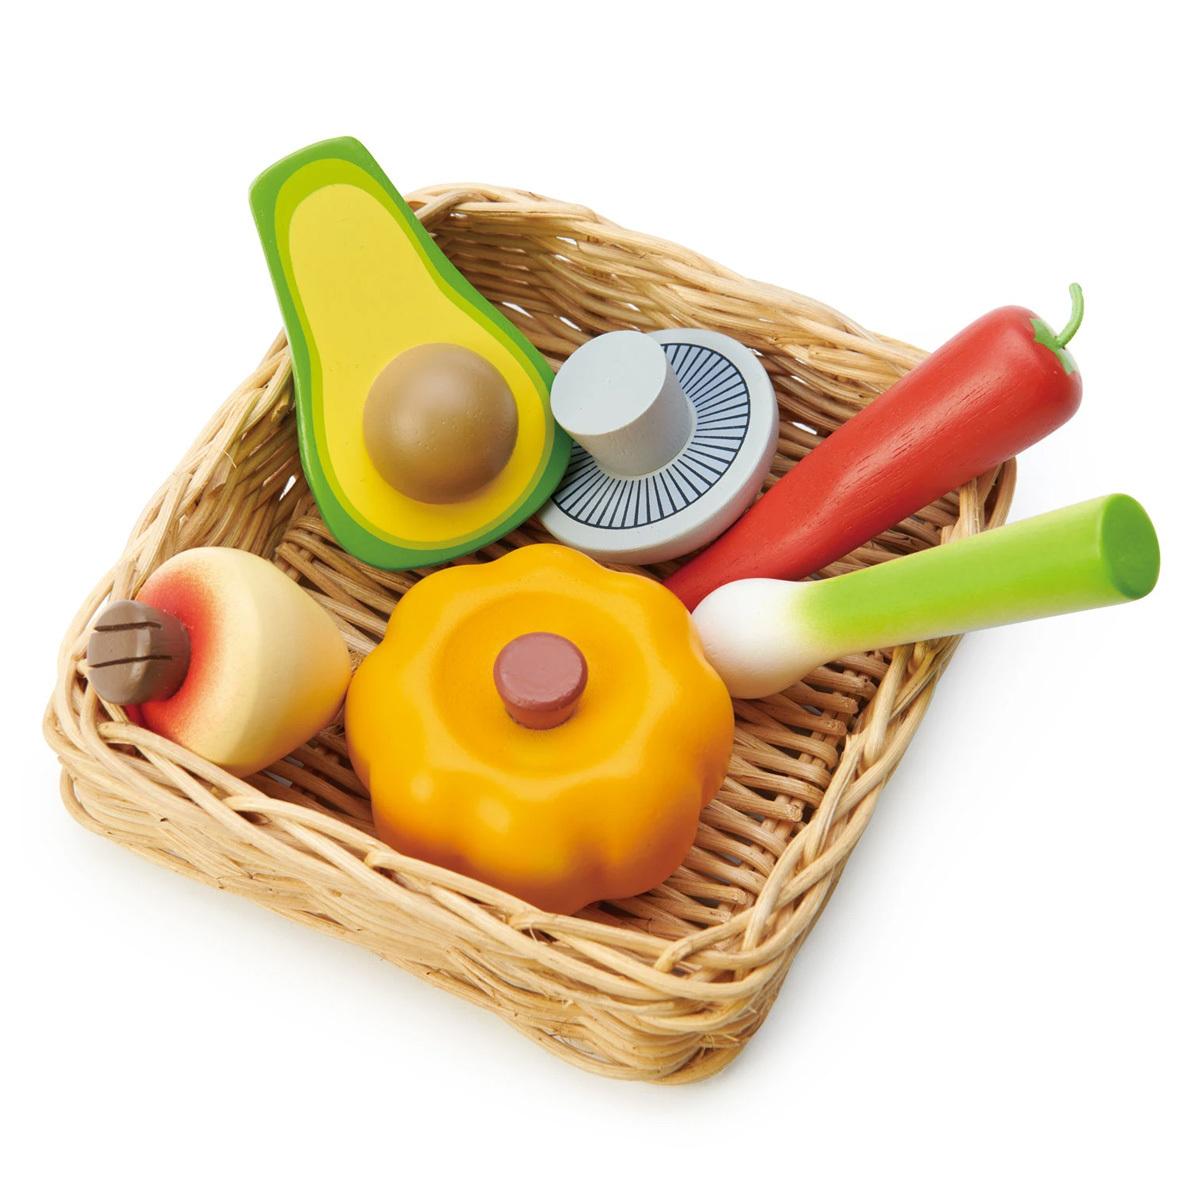 Mes premiers jouets Le Panier du Marché - Légumes Le Panier du Marché - Légumes